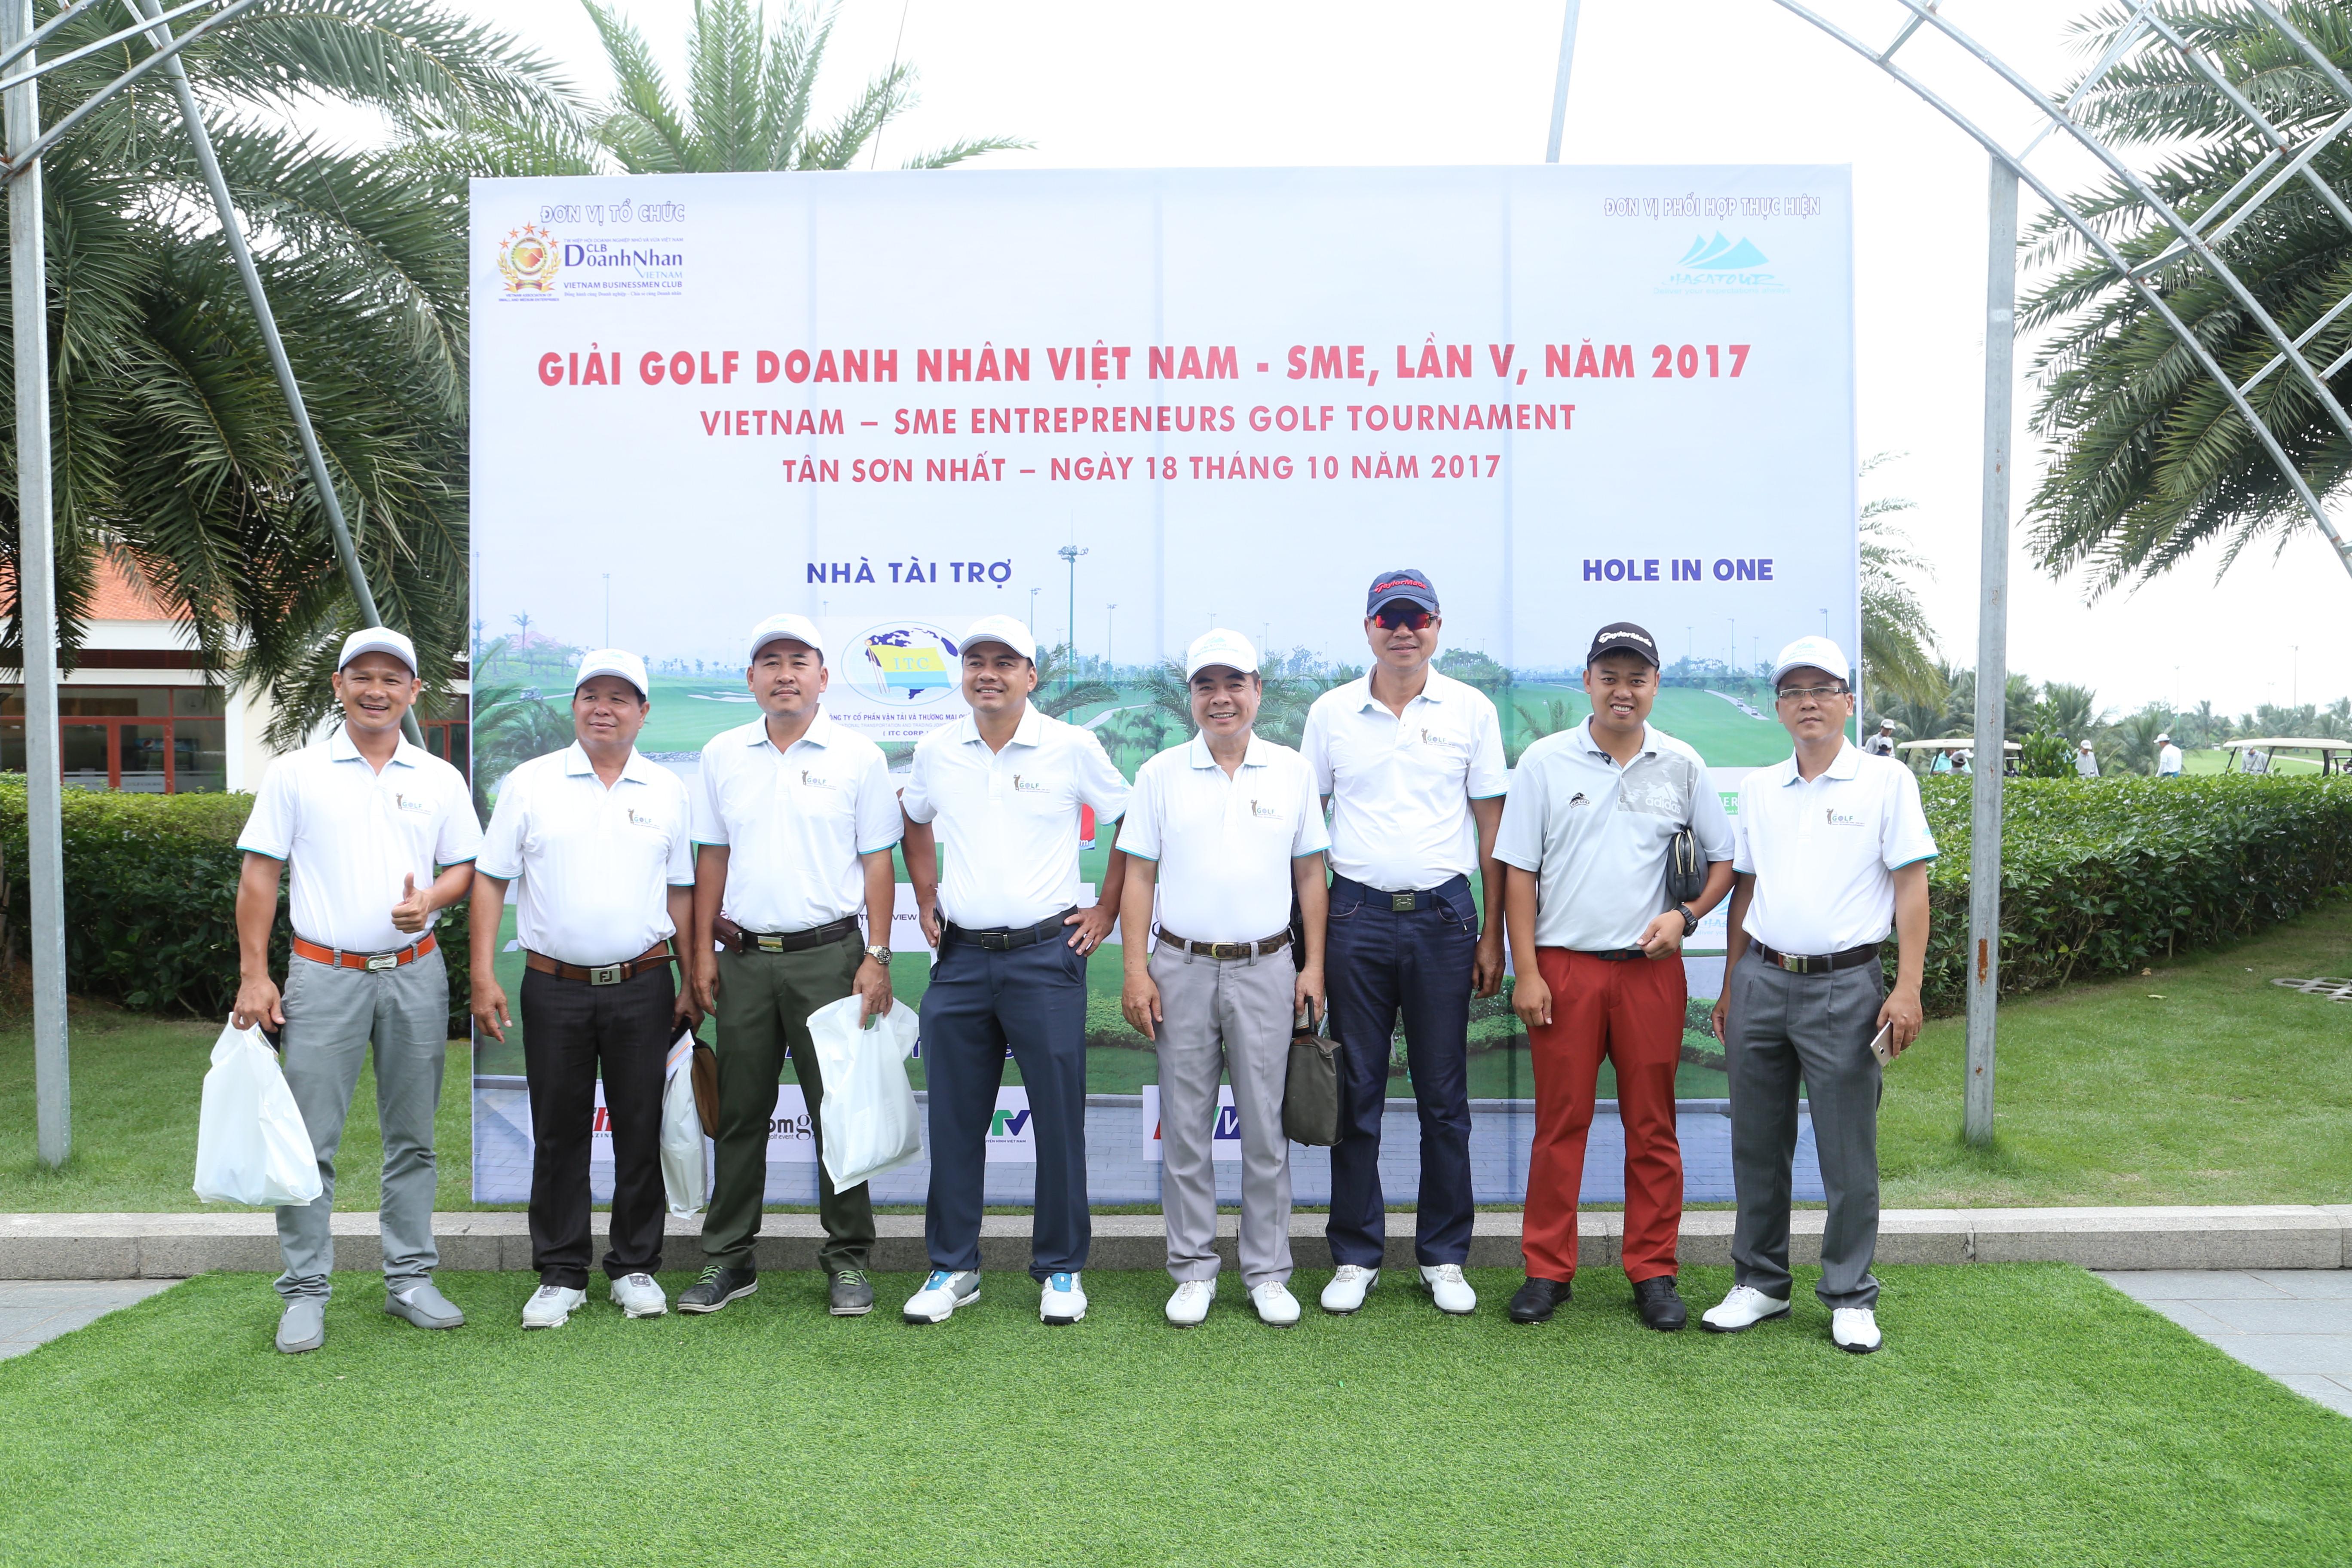 Giải Golf Doanh Nhân Việt Nam - SME, Lần 5, Năm 2017